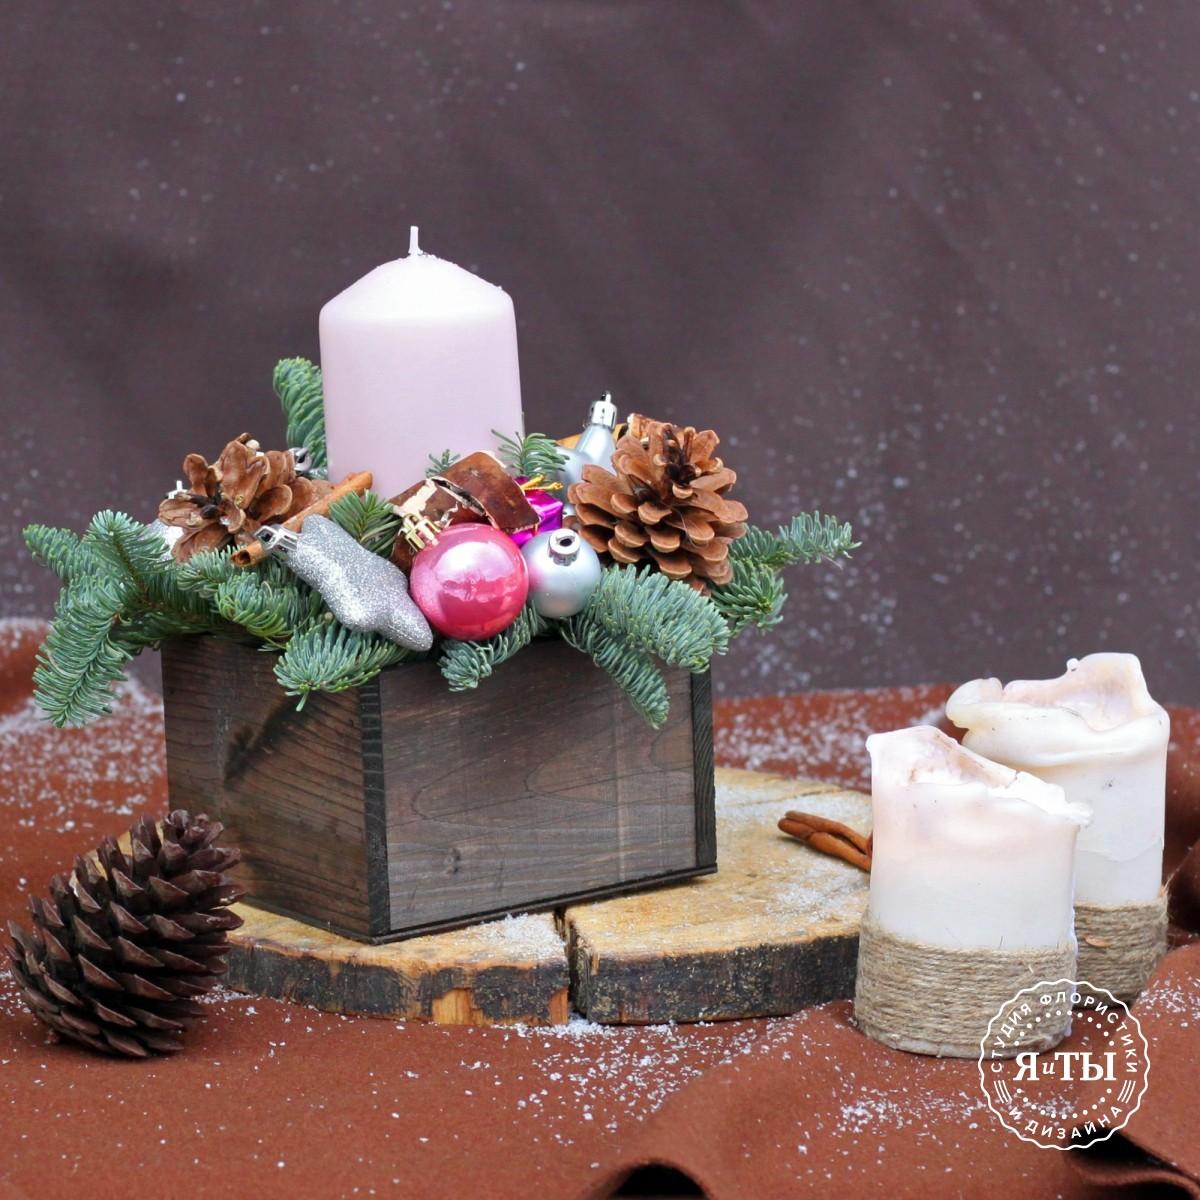 Новогодняя композиция с розовой свечой